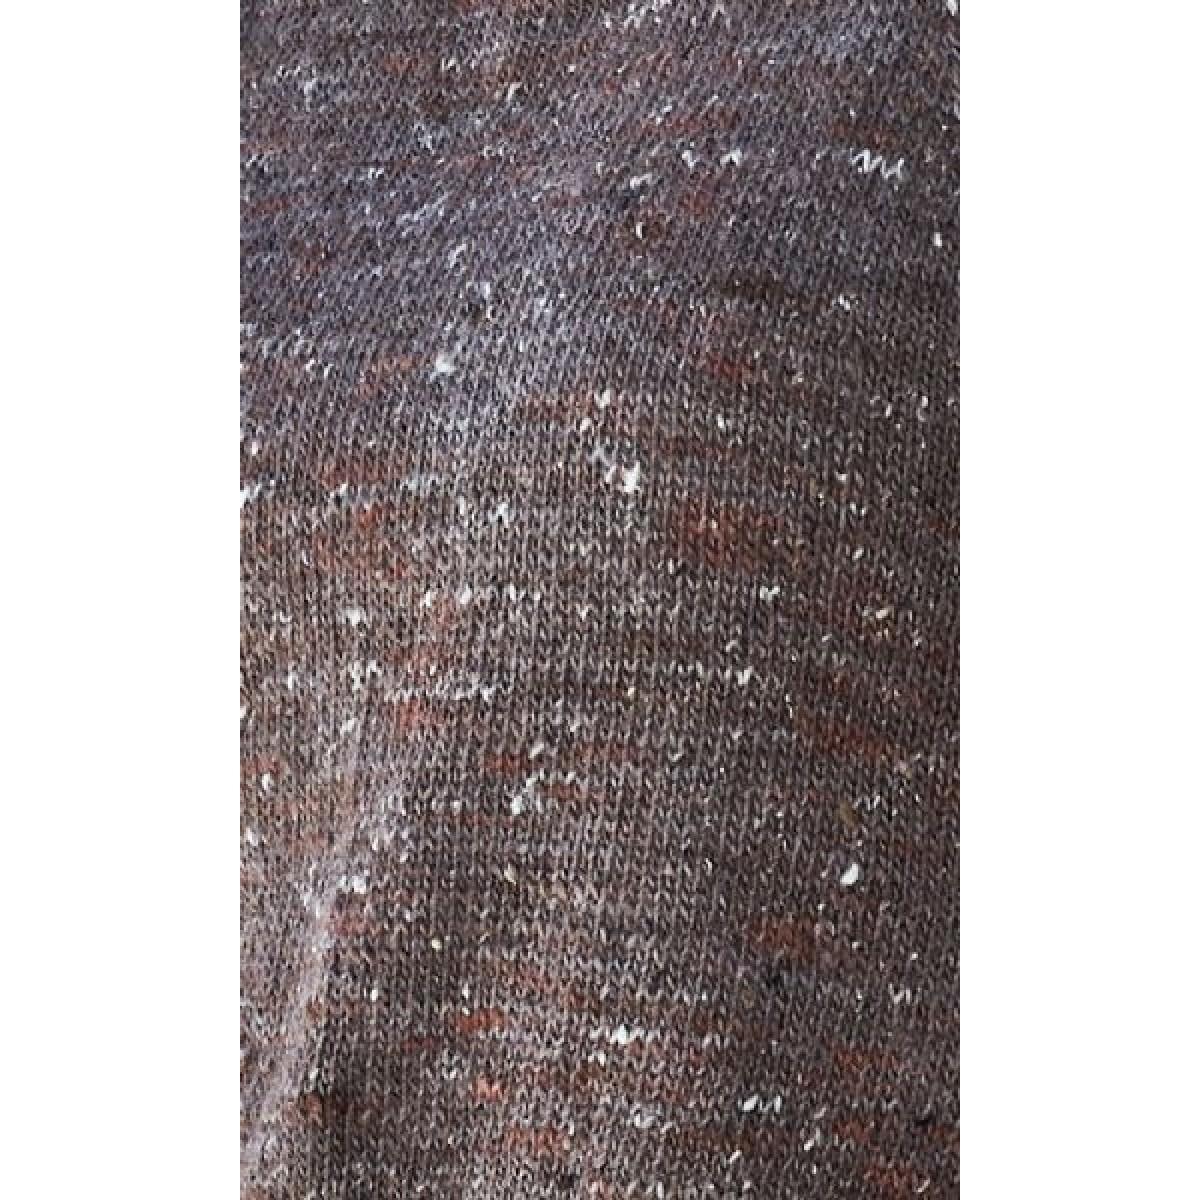 Kamma tweed